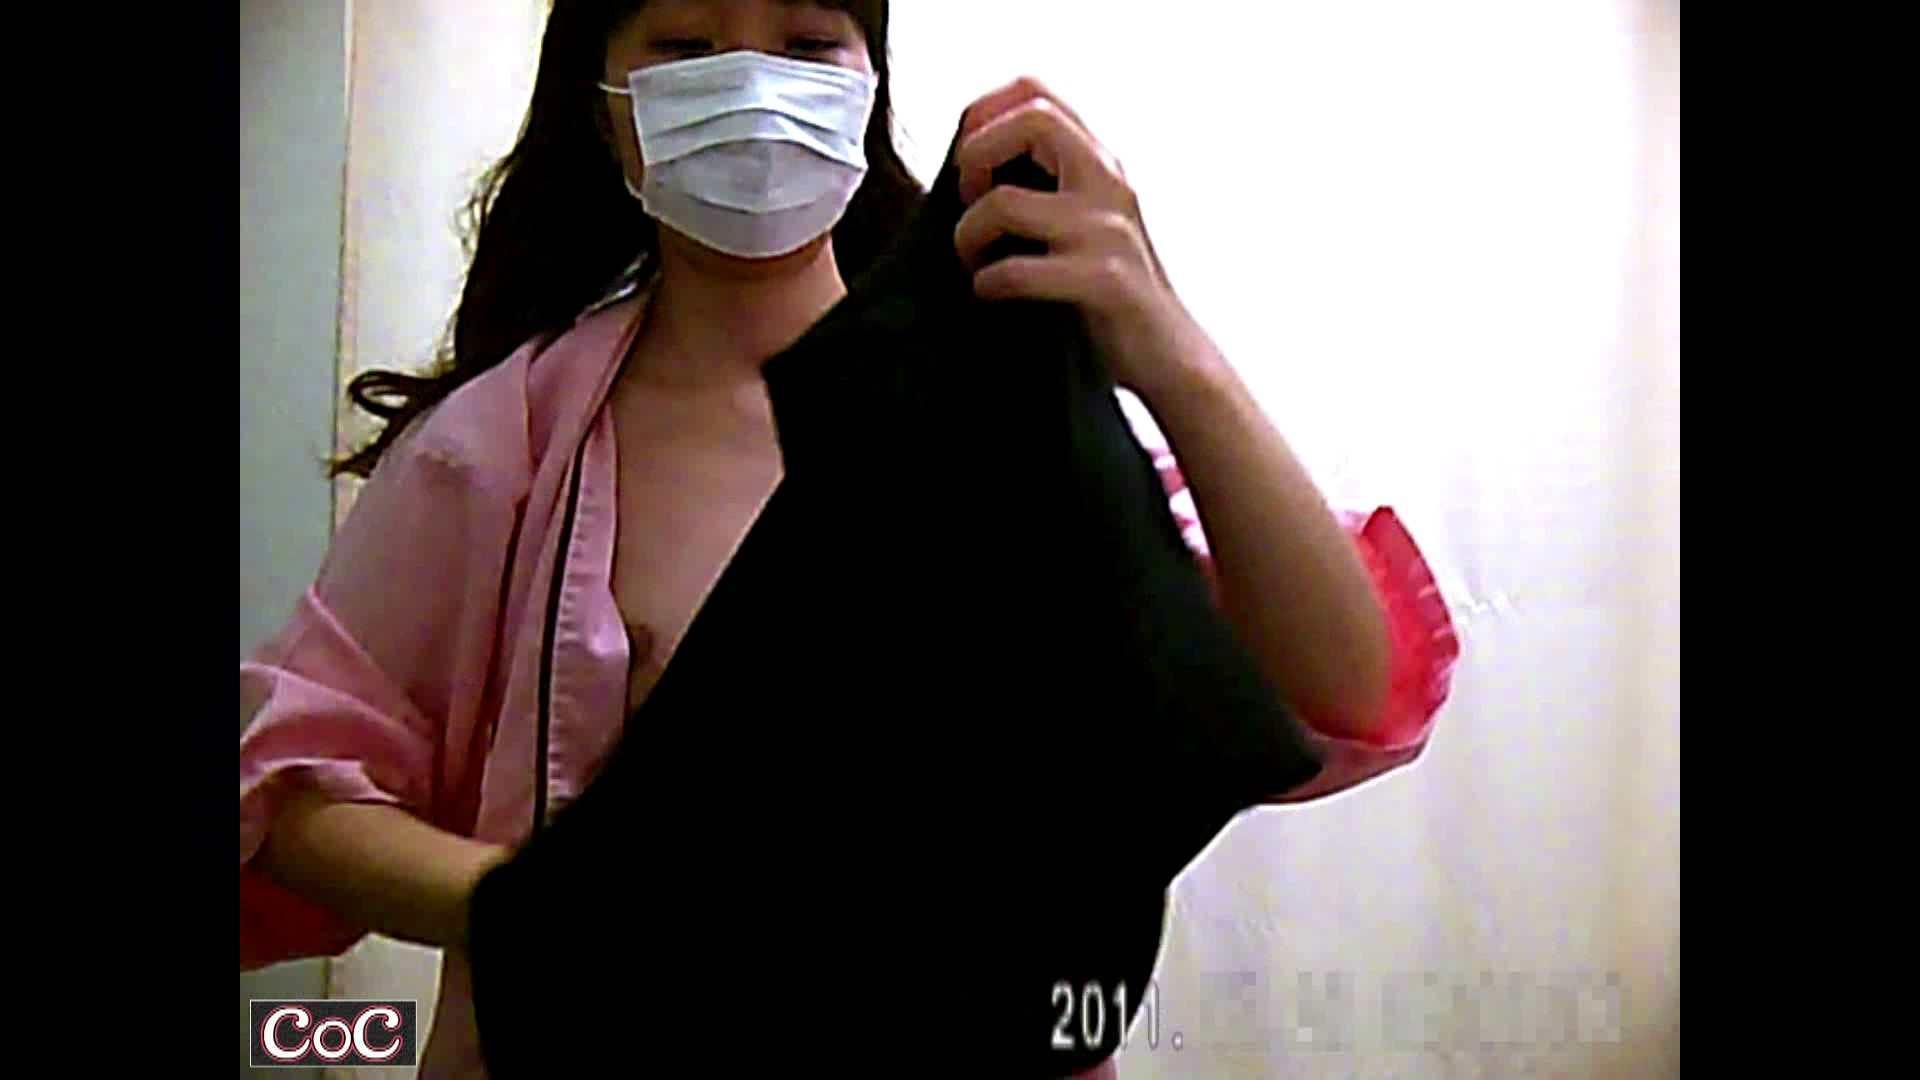 病院おもいっきり着替え! vol.04 巨乳 AV動画キャプチャ 84pic 46